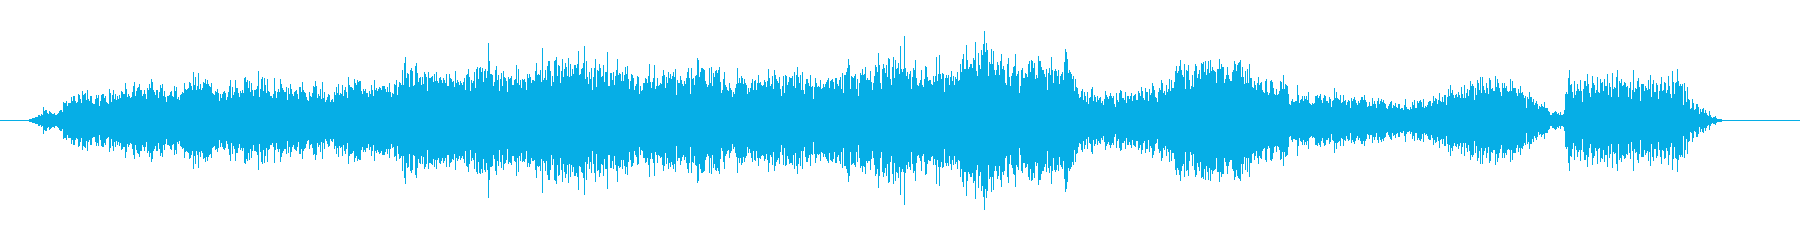 ランブル12の再生済みの波形